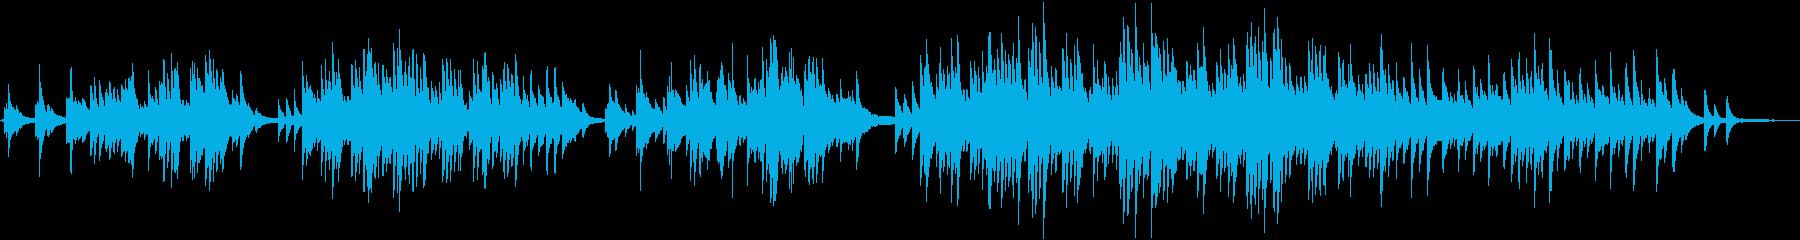 切な過ぎる感動のピアノ&ストリングスの再生済みの波形